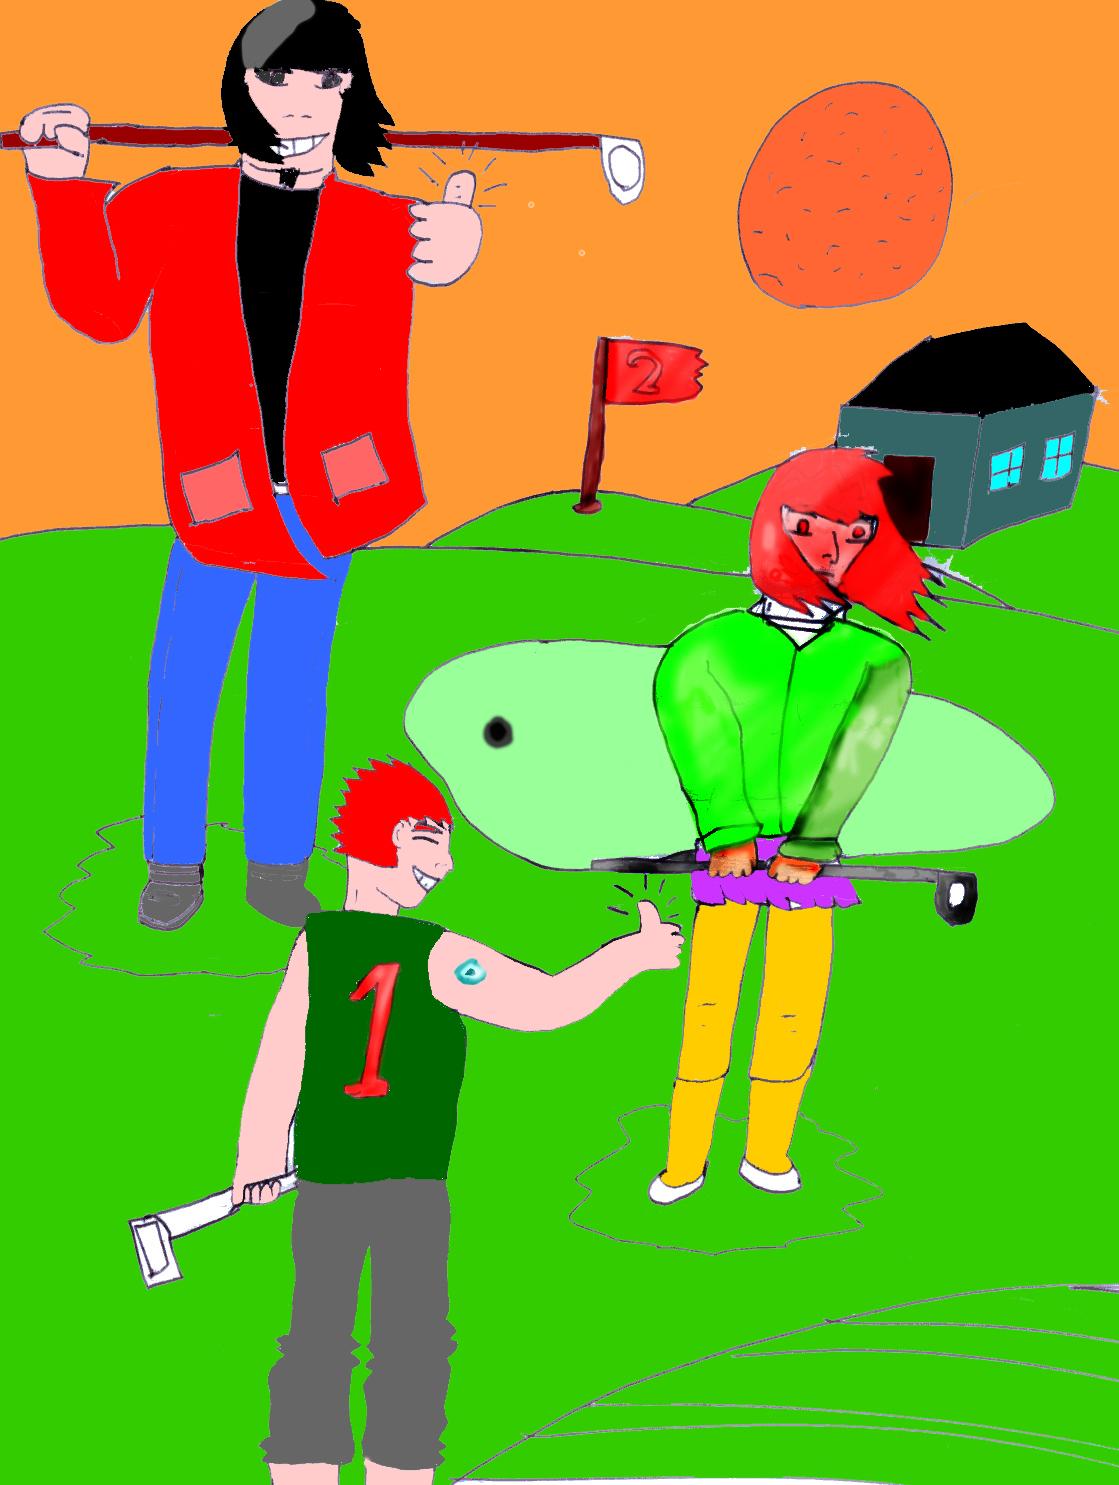 Mini-golf art